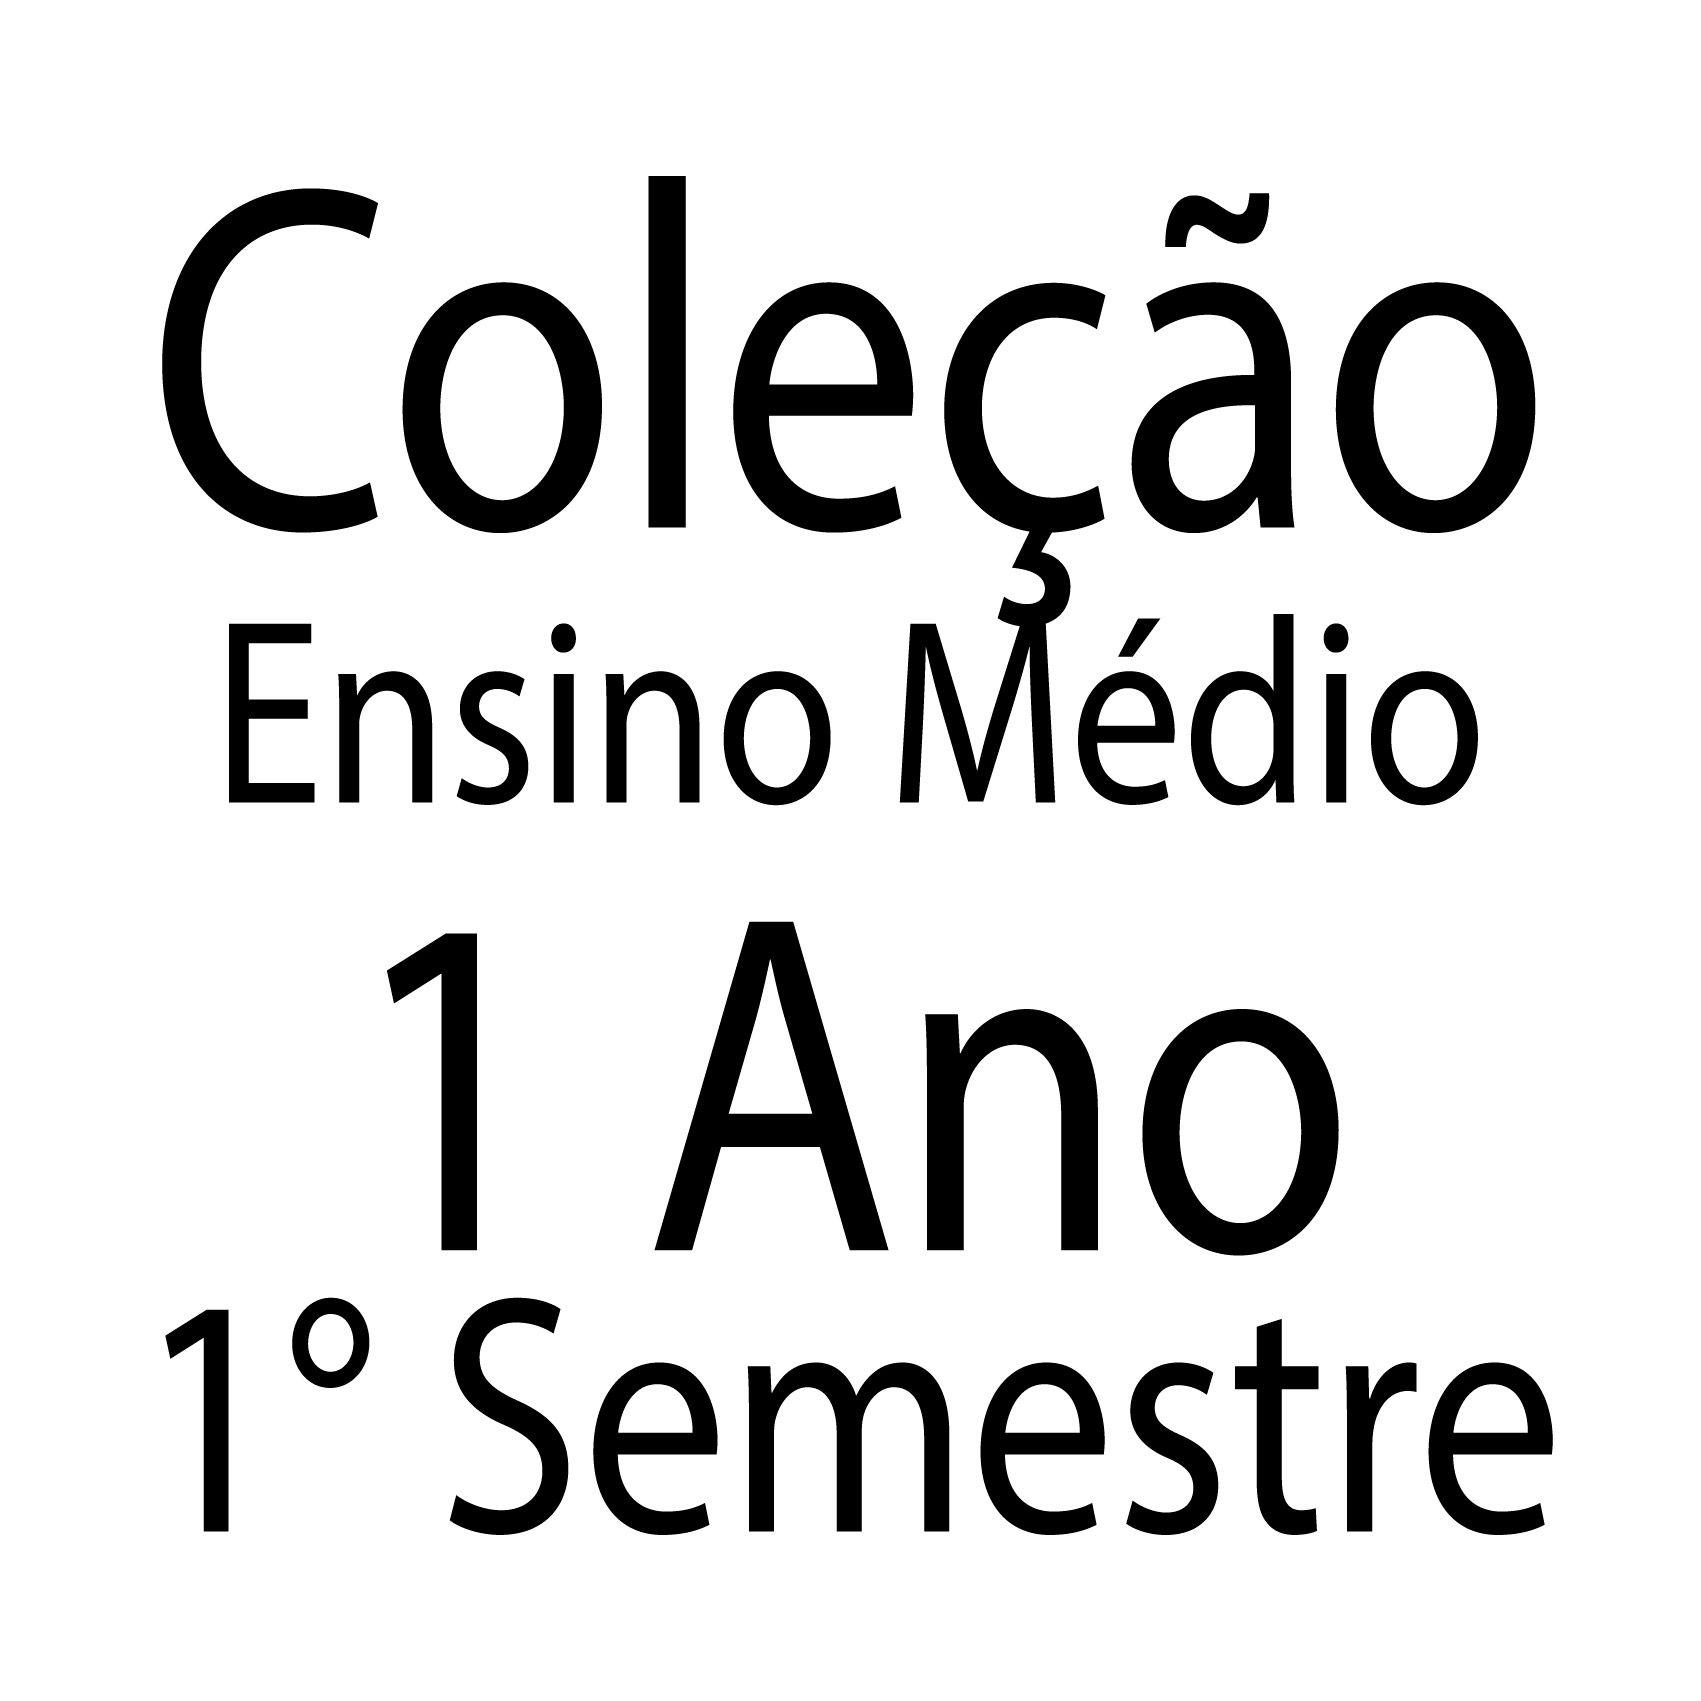 Coleção Ensino Médio - 1 Ano - 1 Semestre